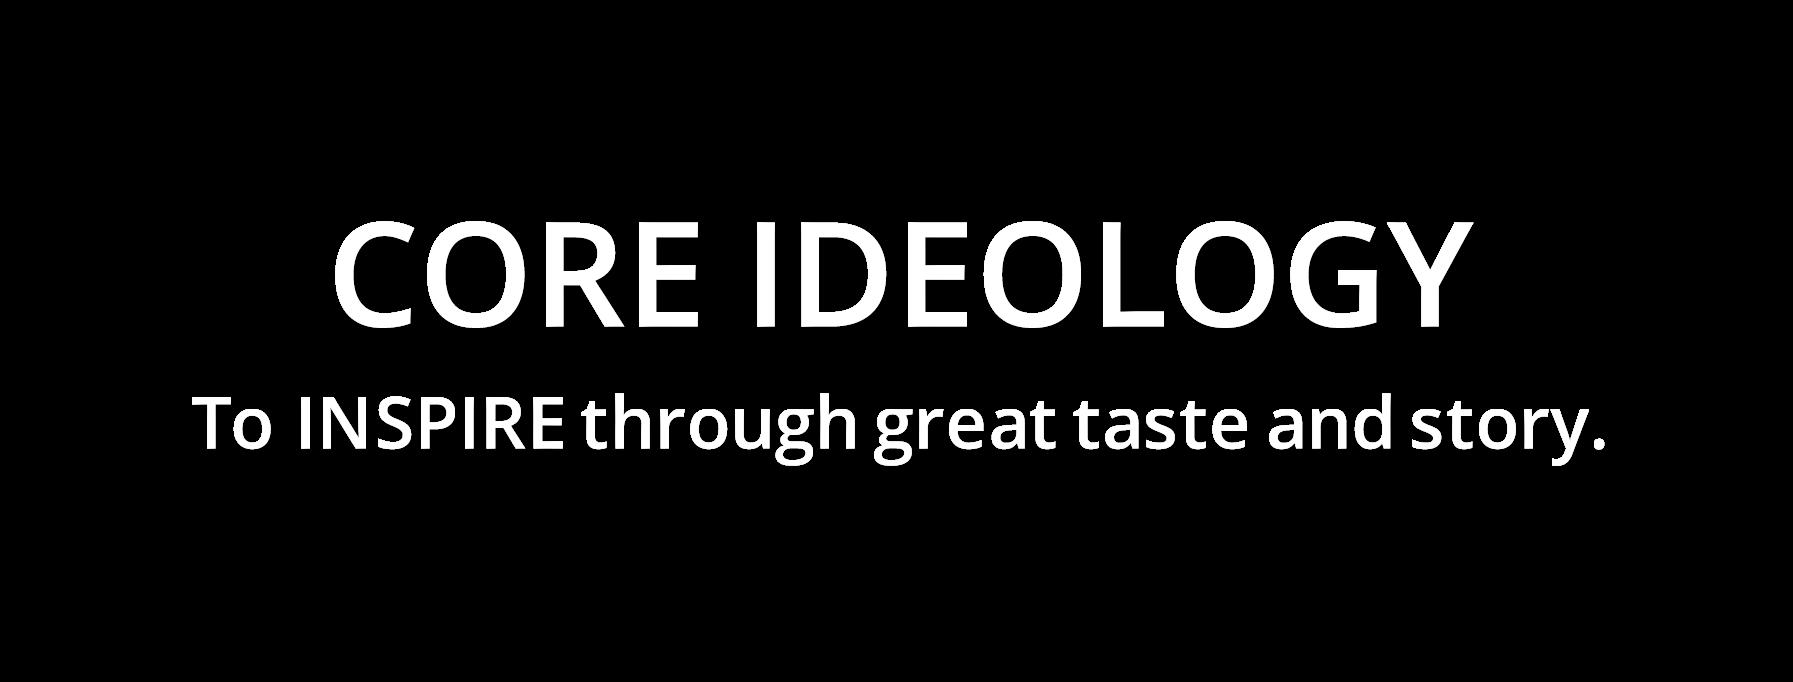 core-ideology3